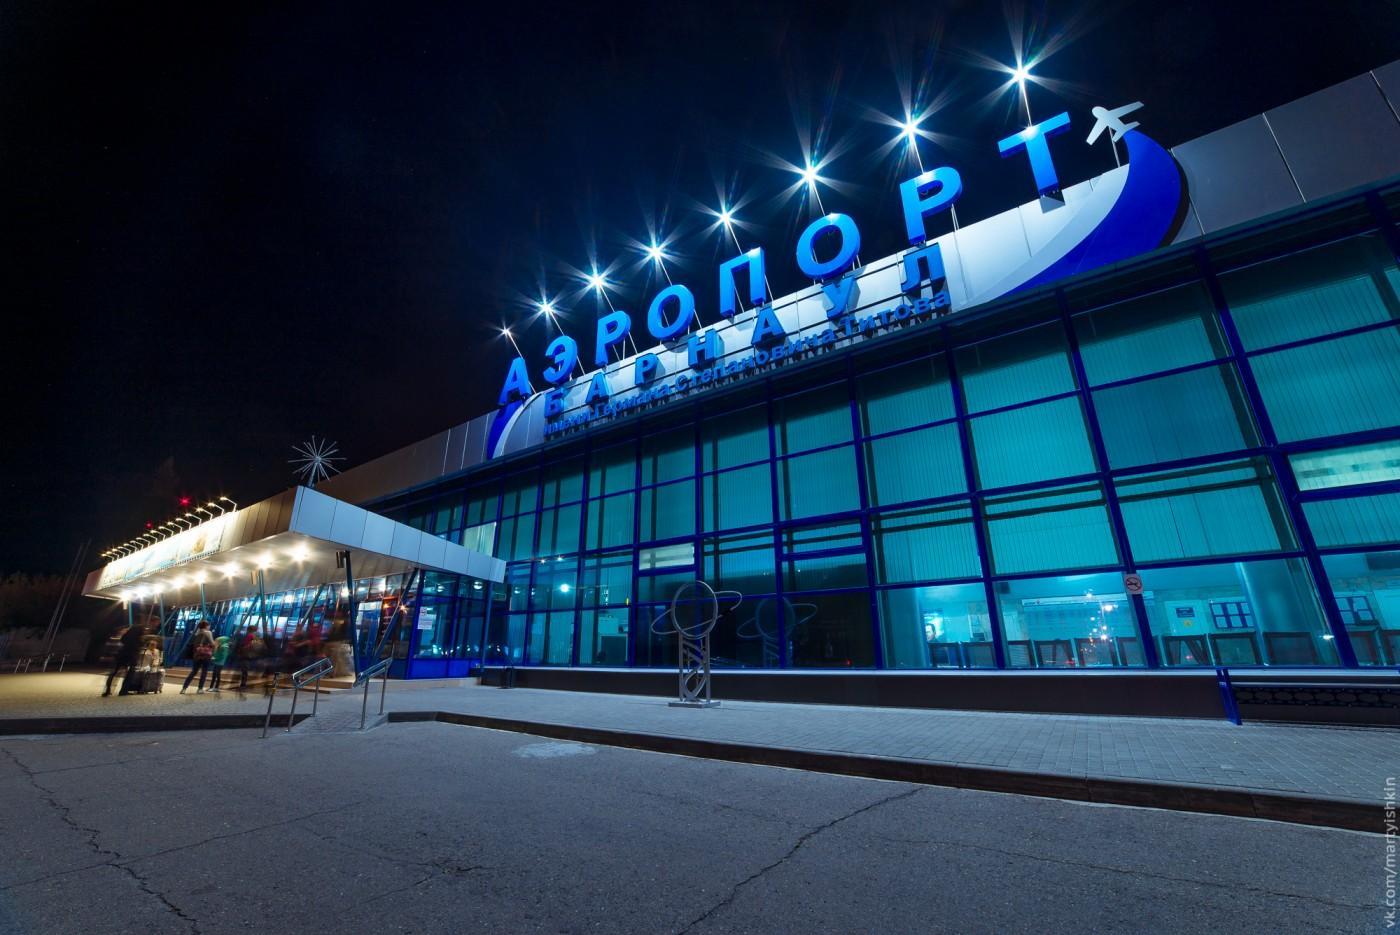 В аэропорту Барнаула теперь можно пройти на посадку по талону в смартфоне или планшете